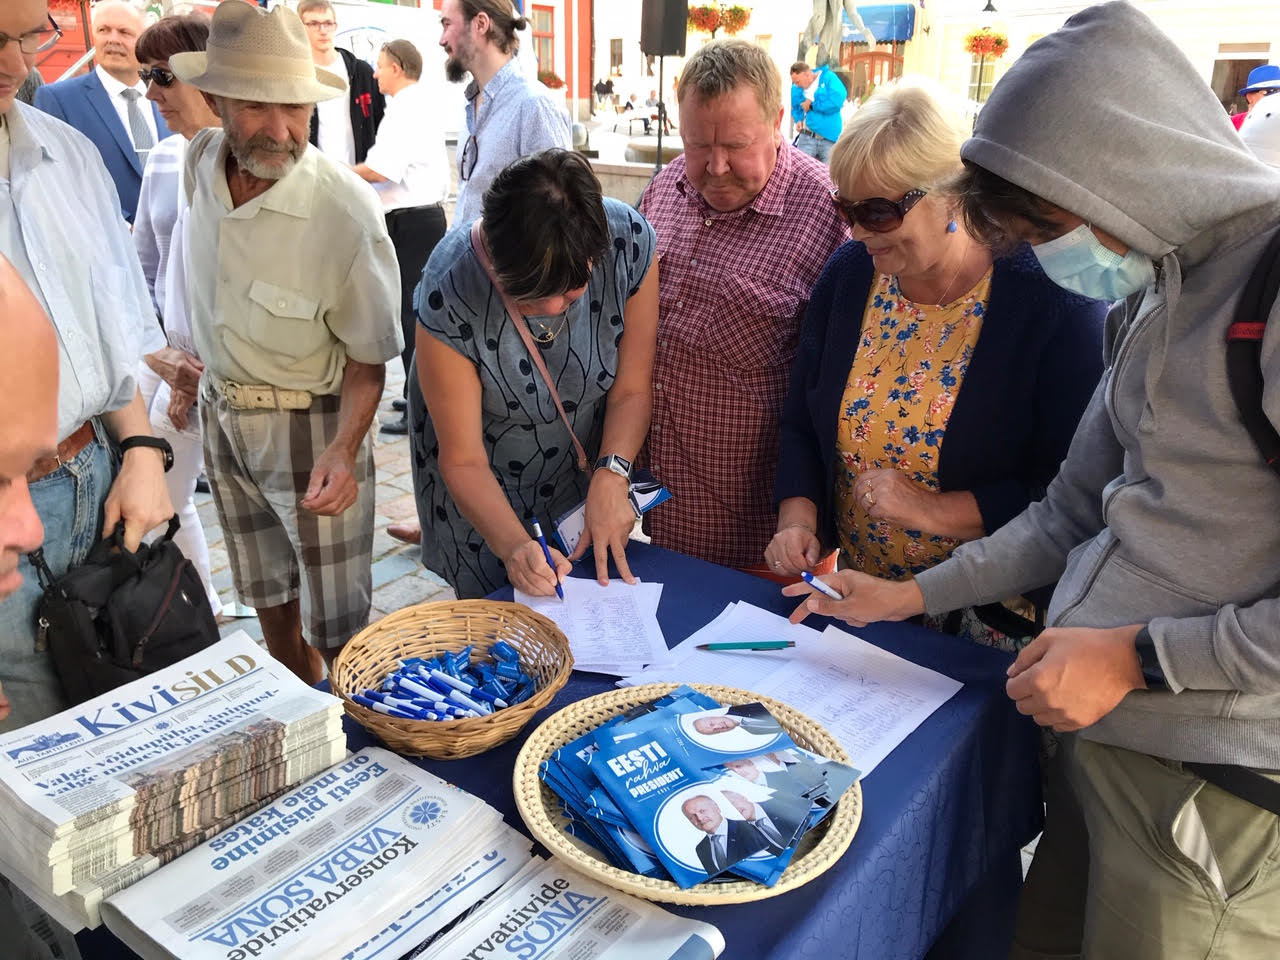 EKRE algatas petitsioonid presidendi otsevalimisteks ja Henn Põlluaasa toetuseks